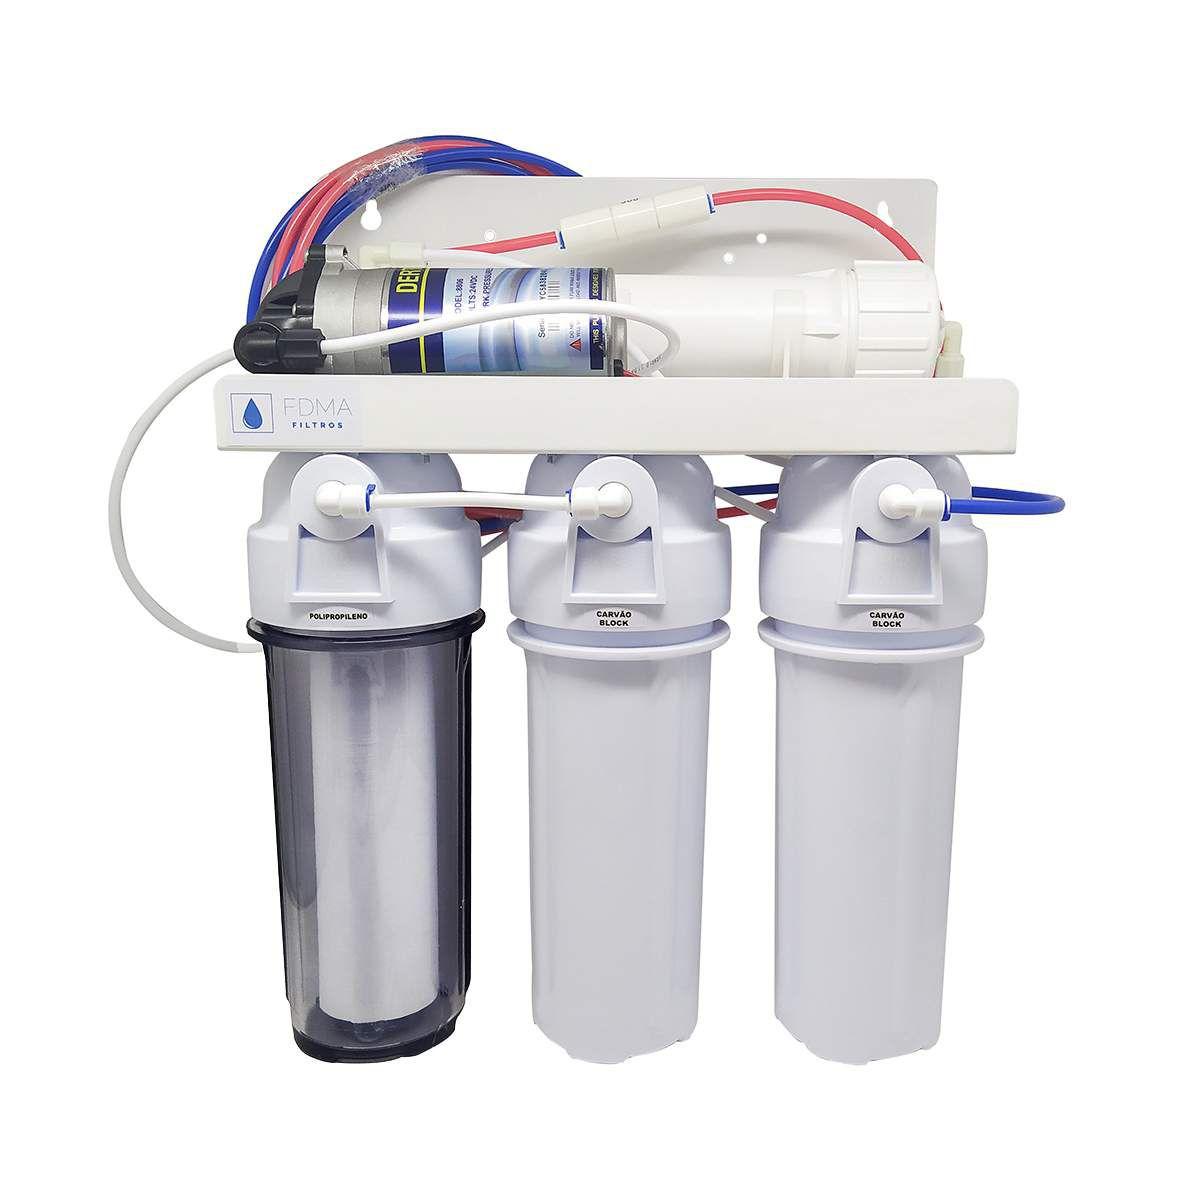 Filtro Osmose Reversa+deio + Bomba Pressurizada 50gpd C/ Nfe